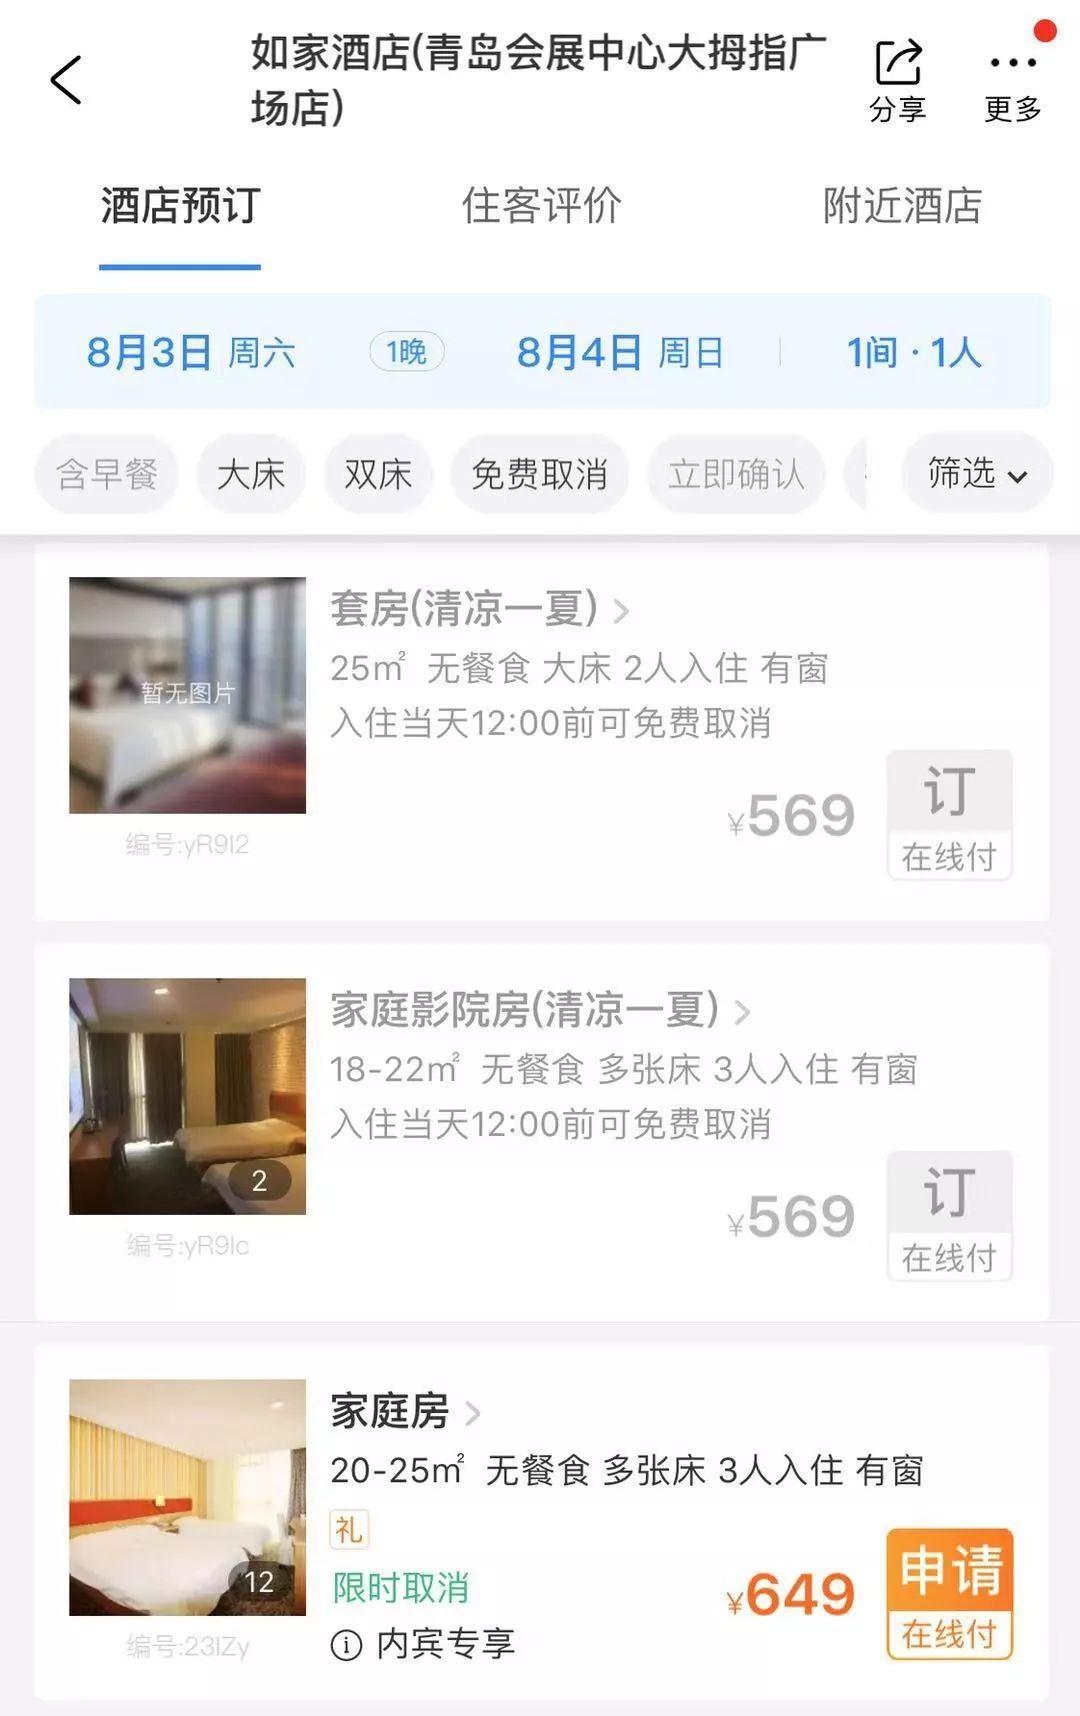 20999元!青岛现在的酒店价格真的贵成这样了?